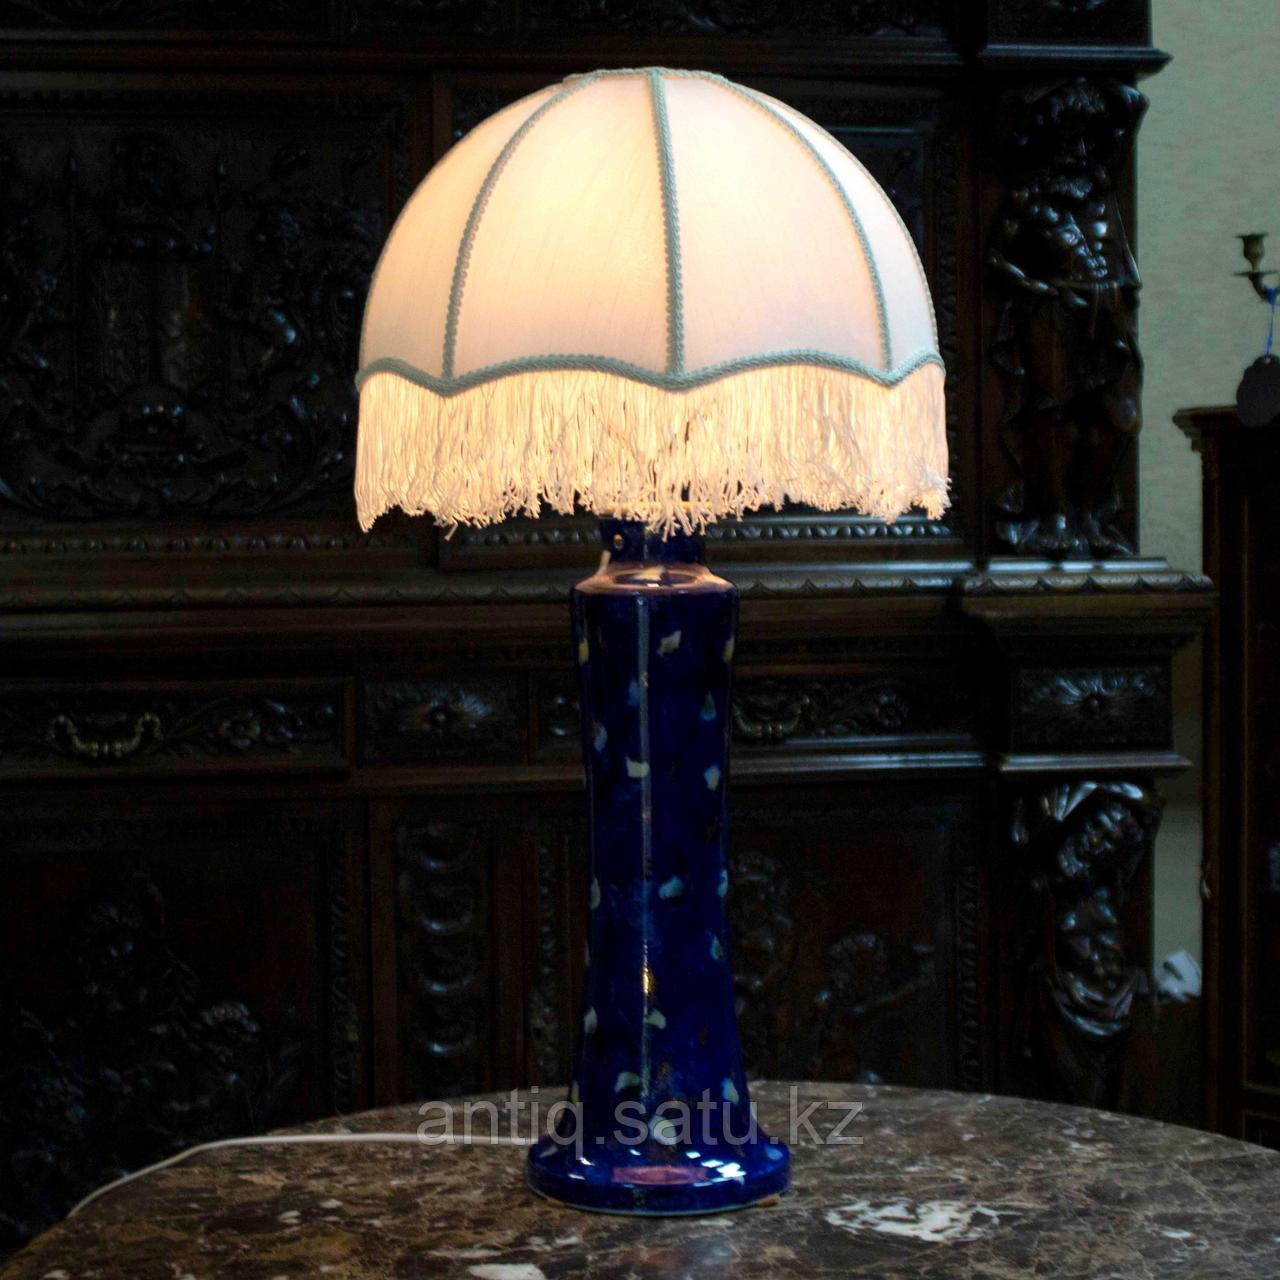 Настольная лампа. Фарфоровая мануфактура Wallendorf - фото 2